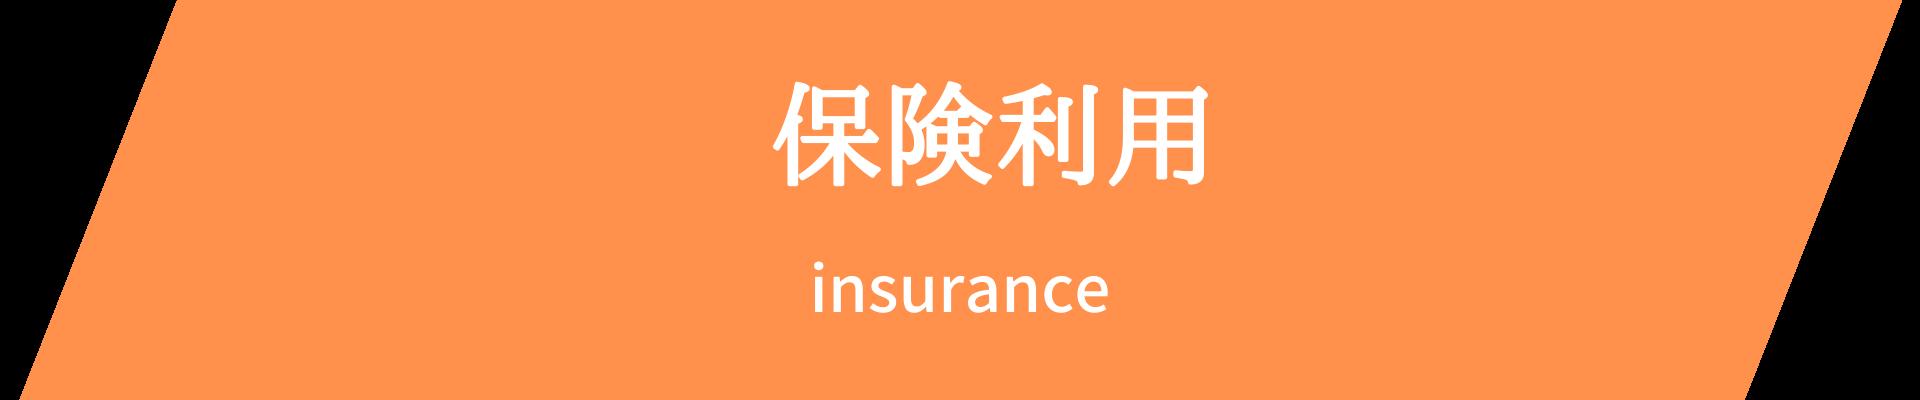 スーツケース修理/保険利用